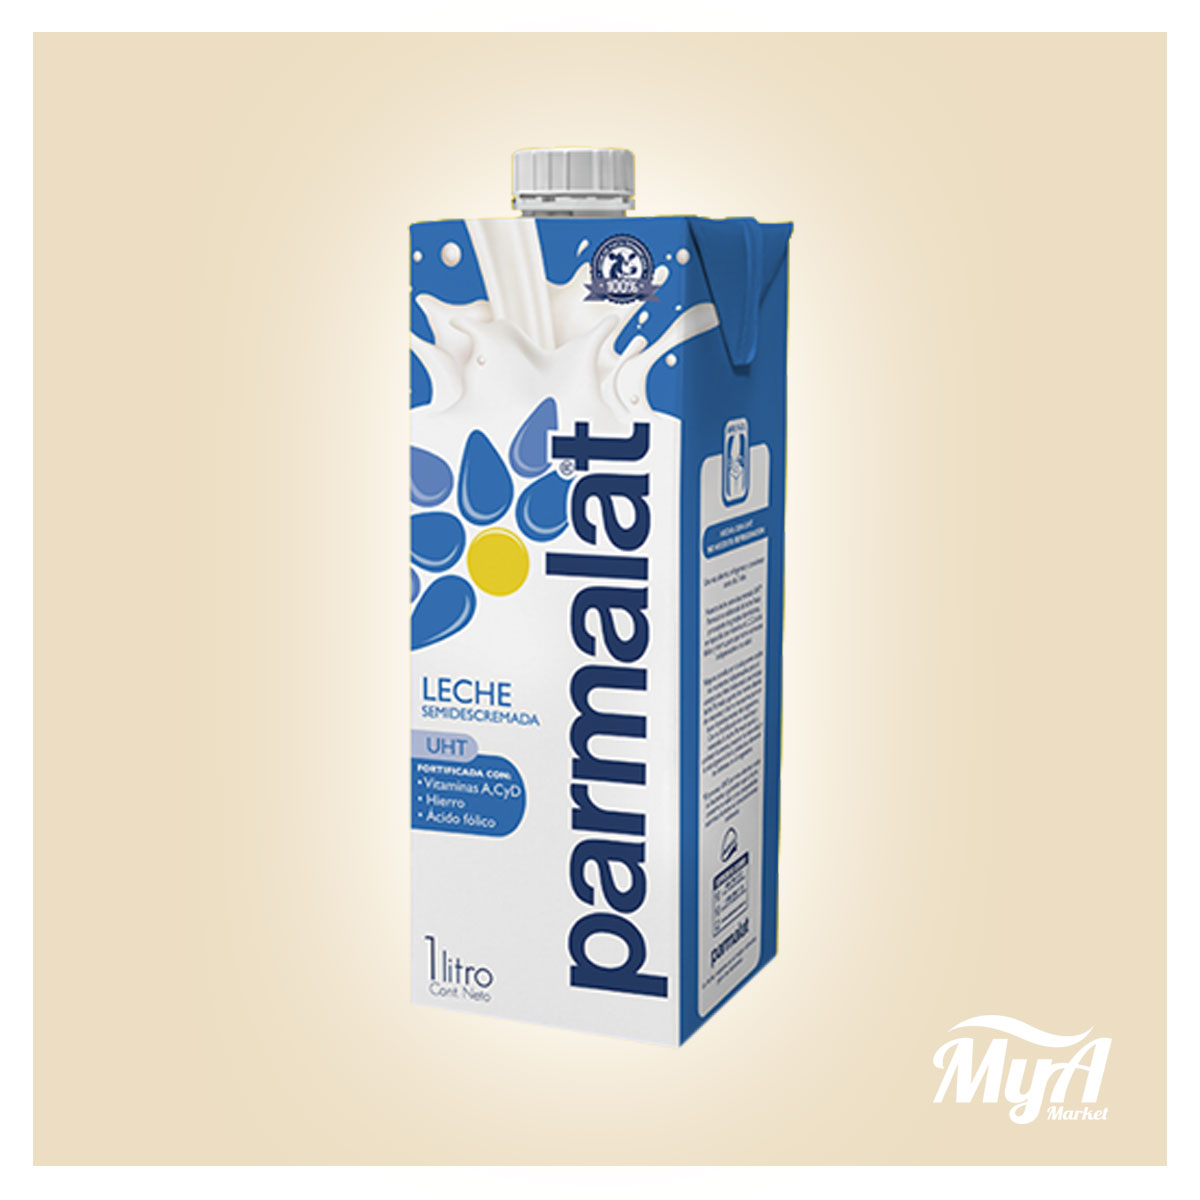 Leche Parmalat Semi Descremada 1lt